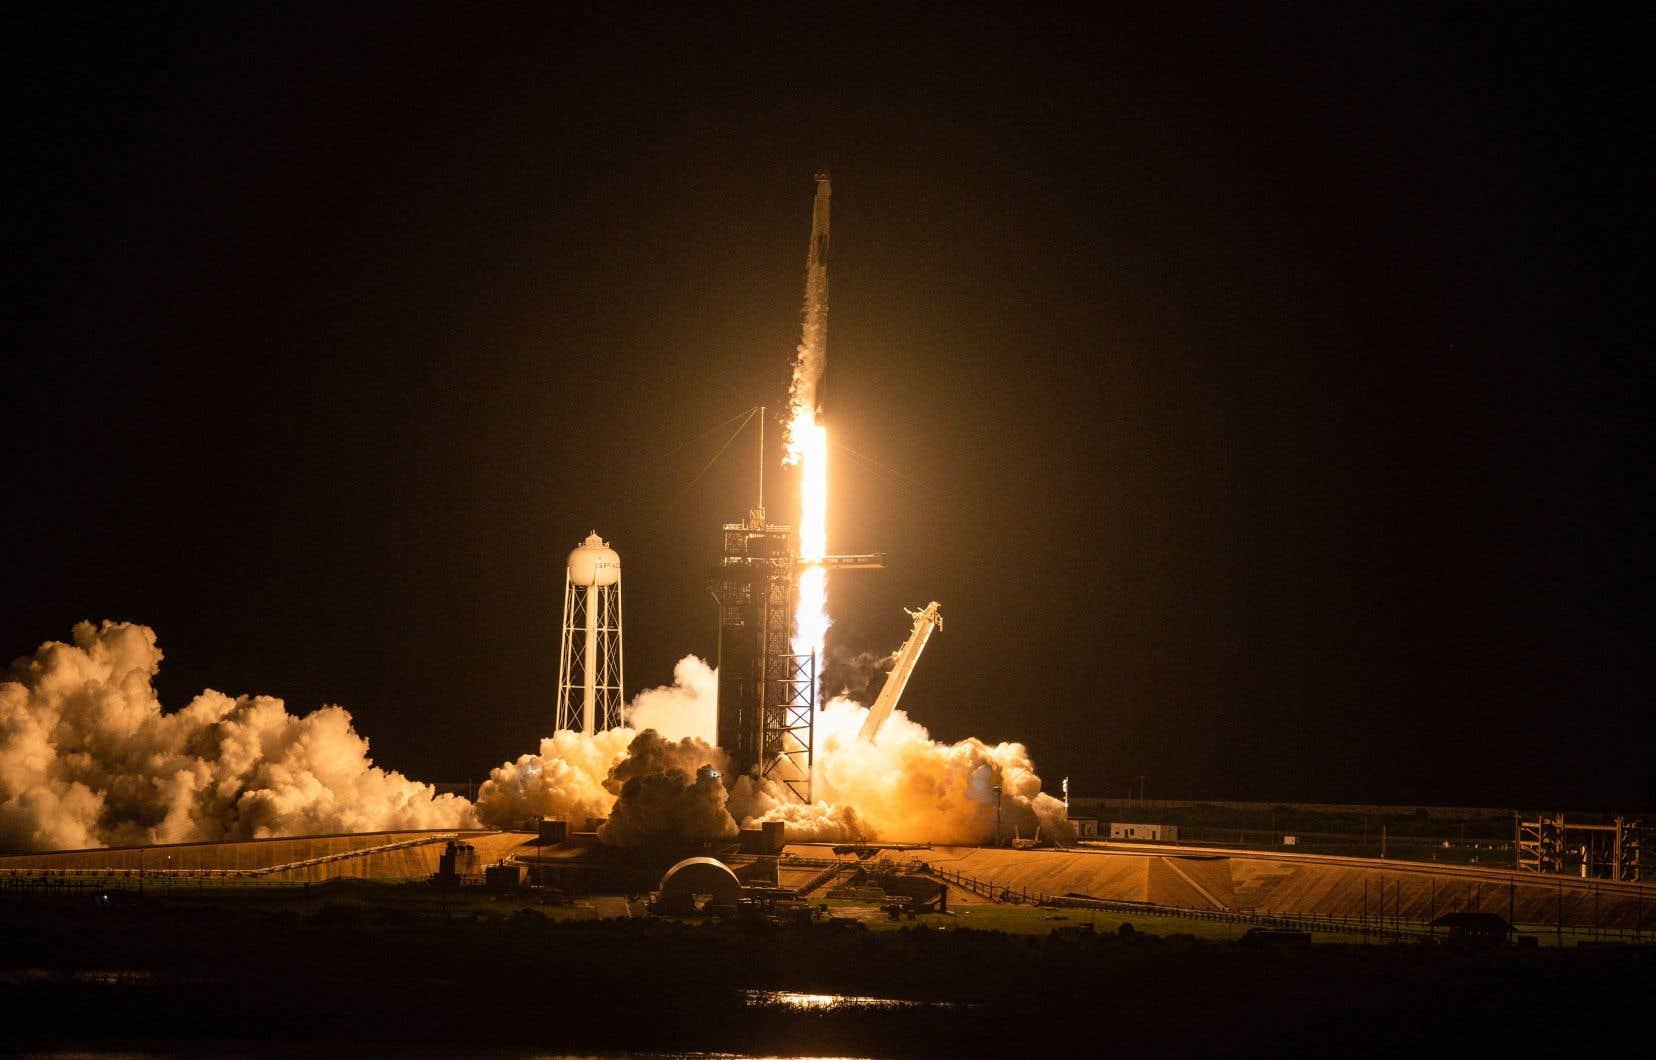 La fusée Falcon 9 s'était envolée mercredi soir du centre spatial Kennedy en Floride.